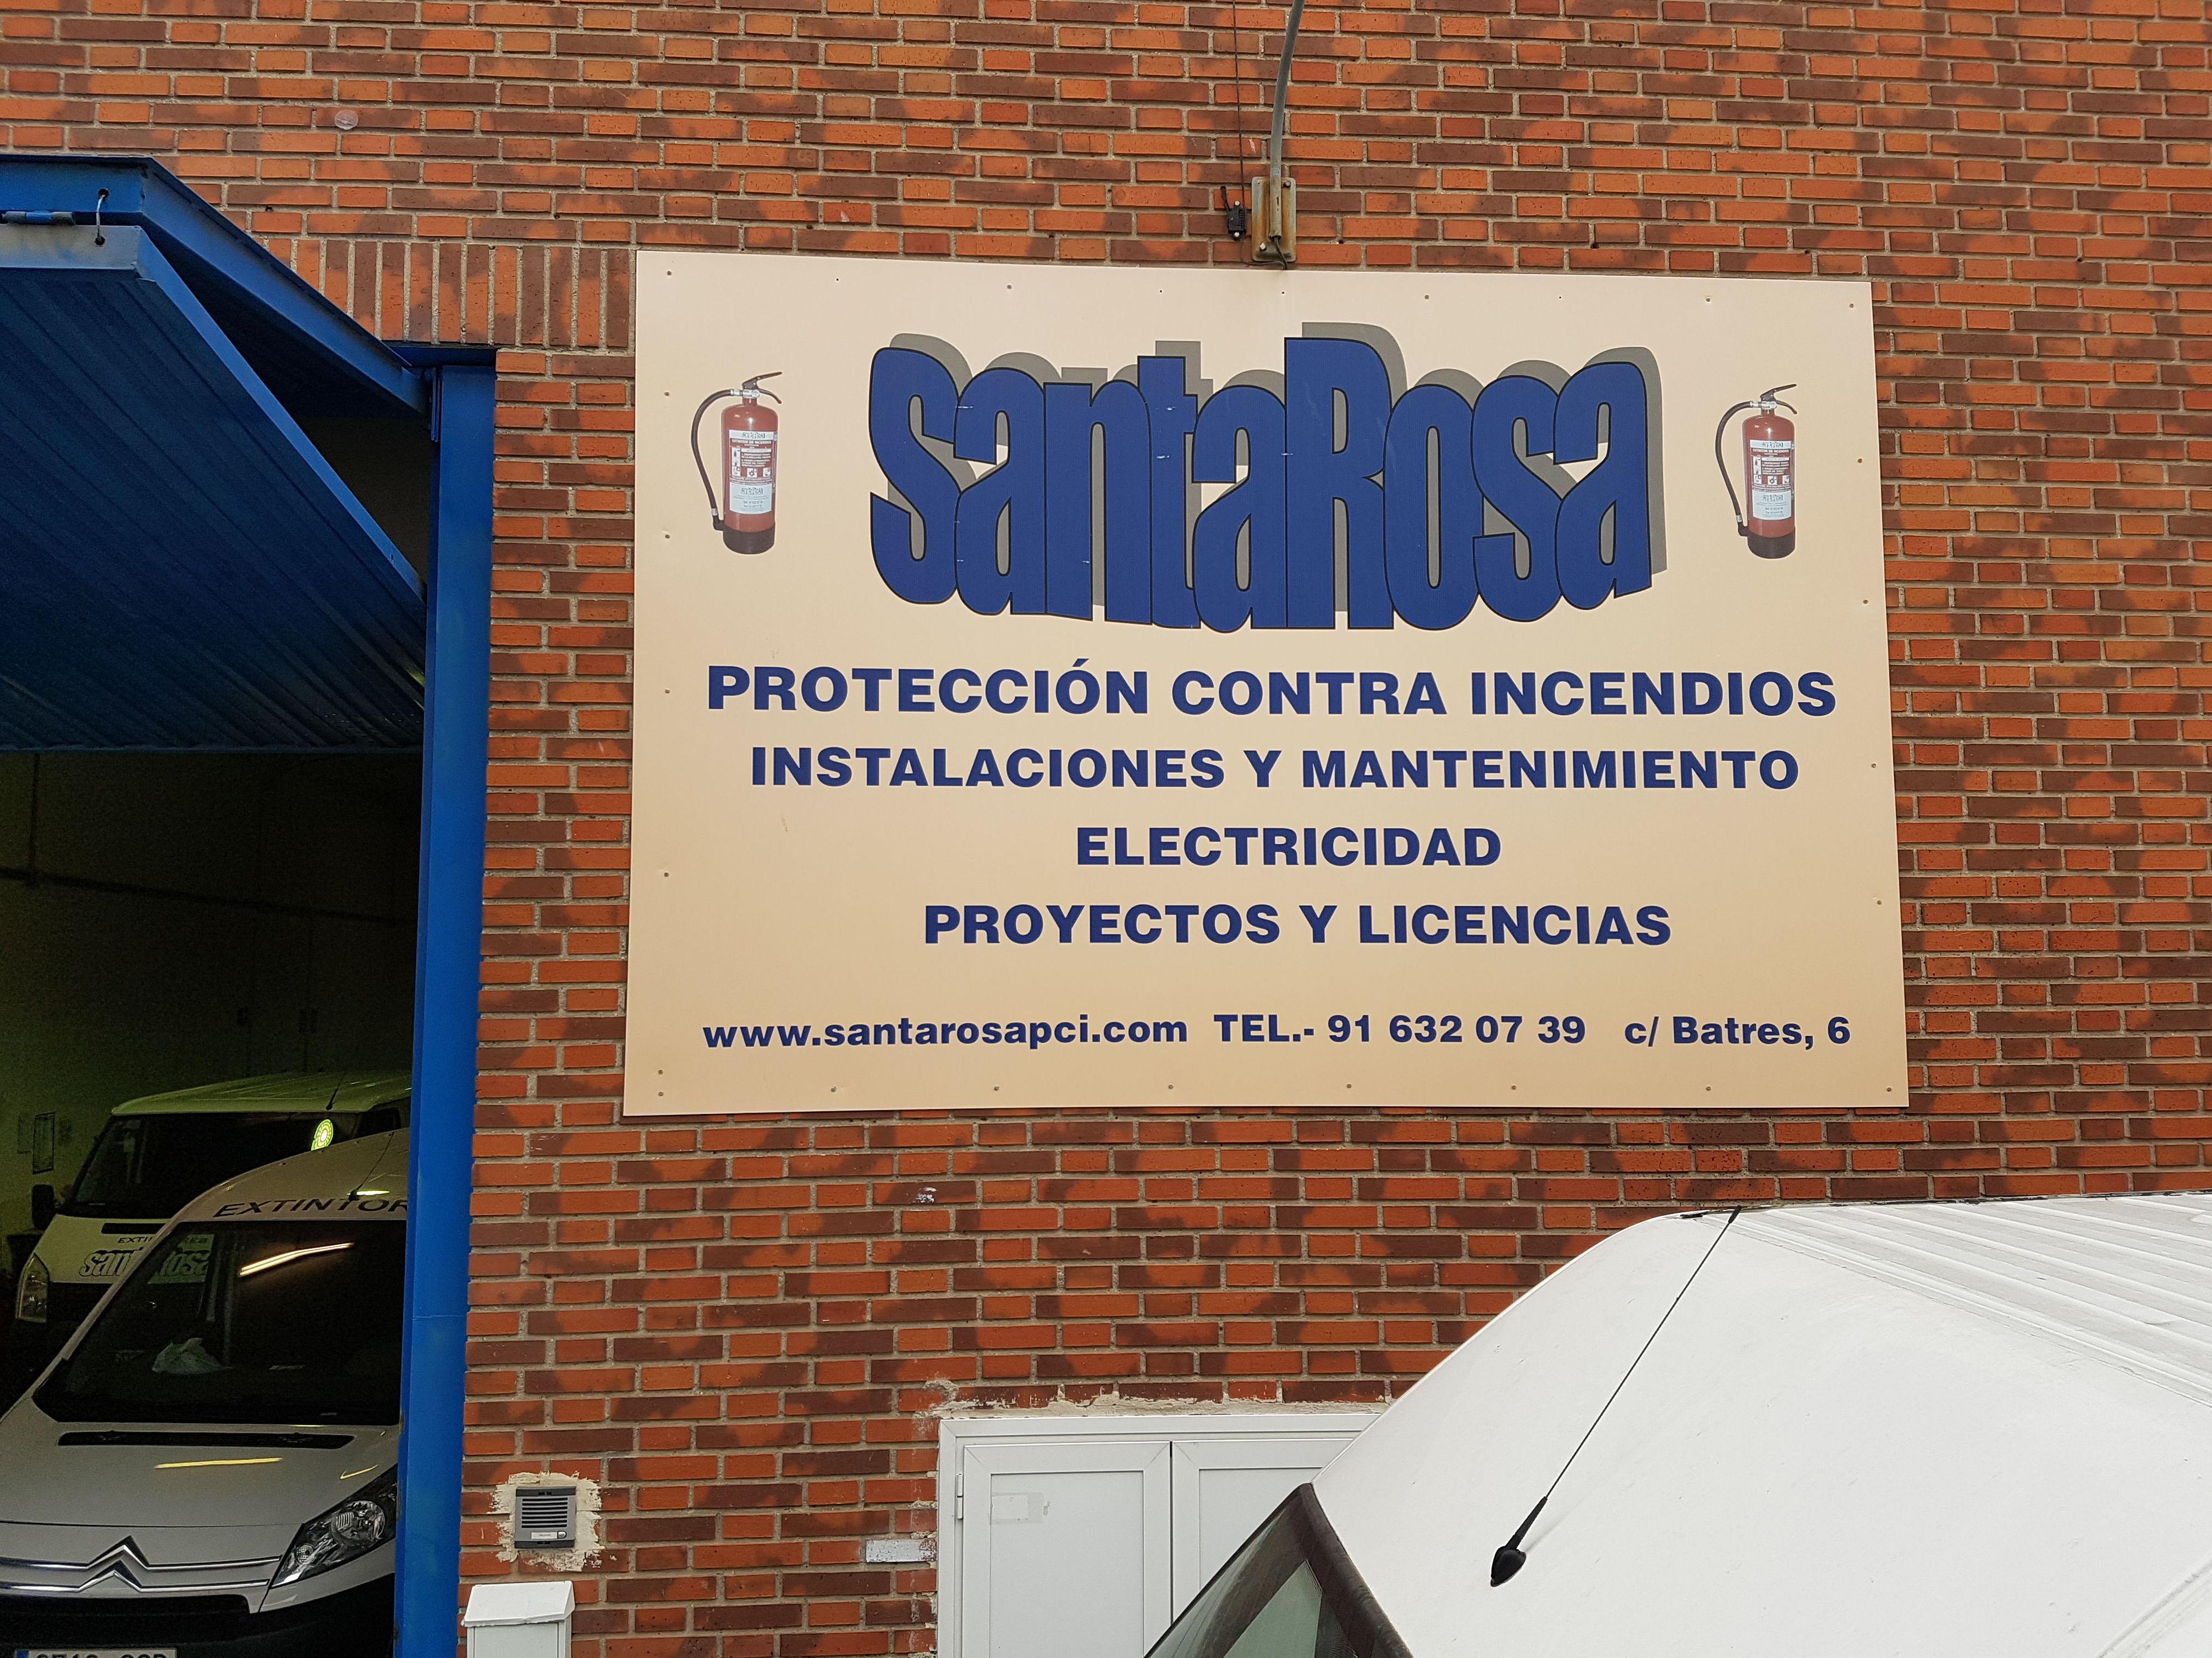 Fachada y logo